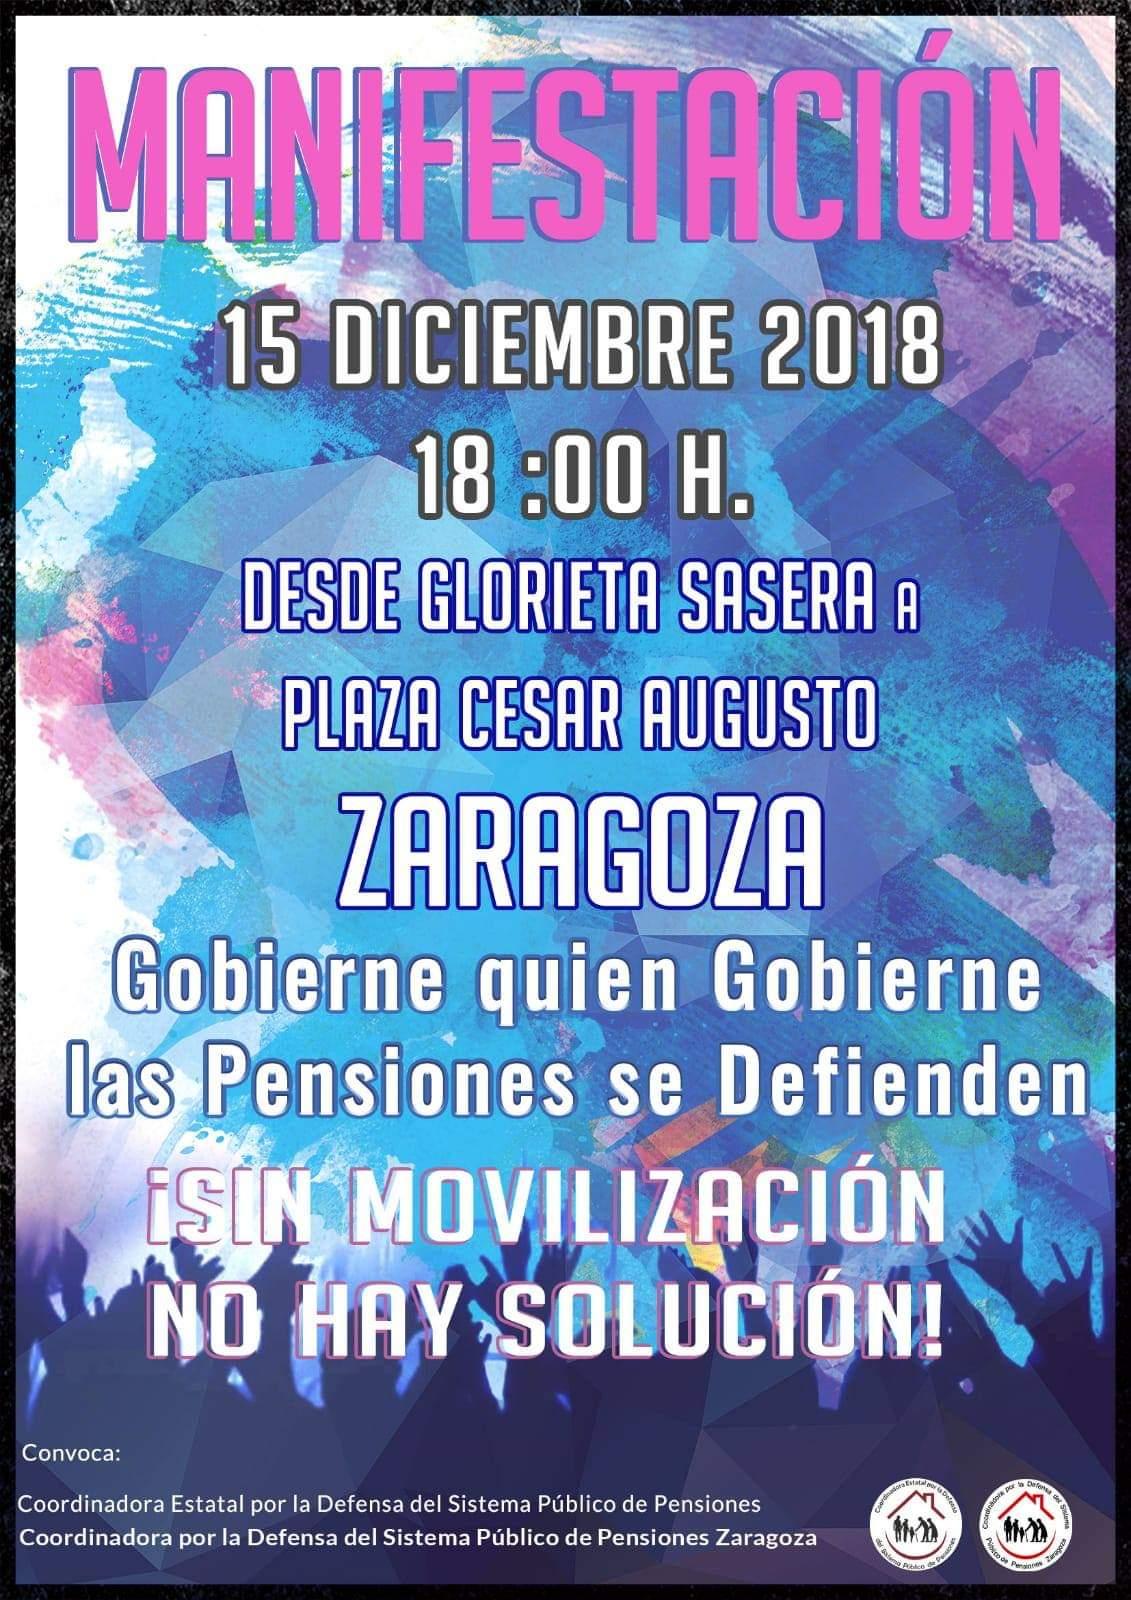 LLAMAMIENTO A LA MOVILIZACION DE LA COORDINADORA ESTATAL POR LA DEFENSA DEL SISTEMA PUBLICO DE PENSIONES. ZARAGOZA